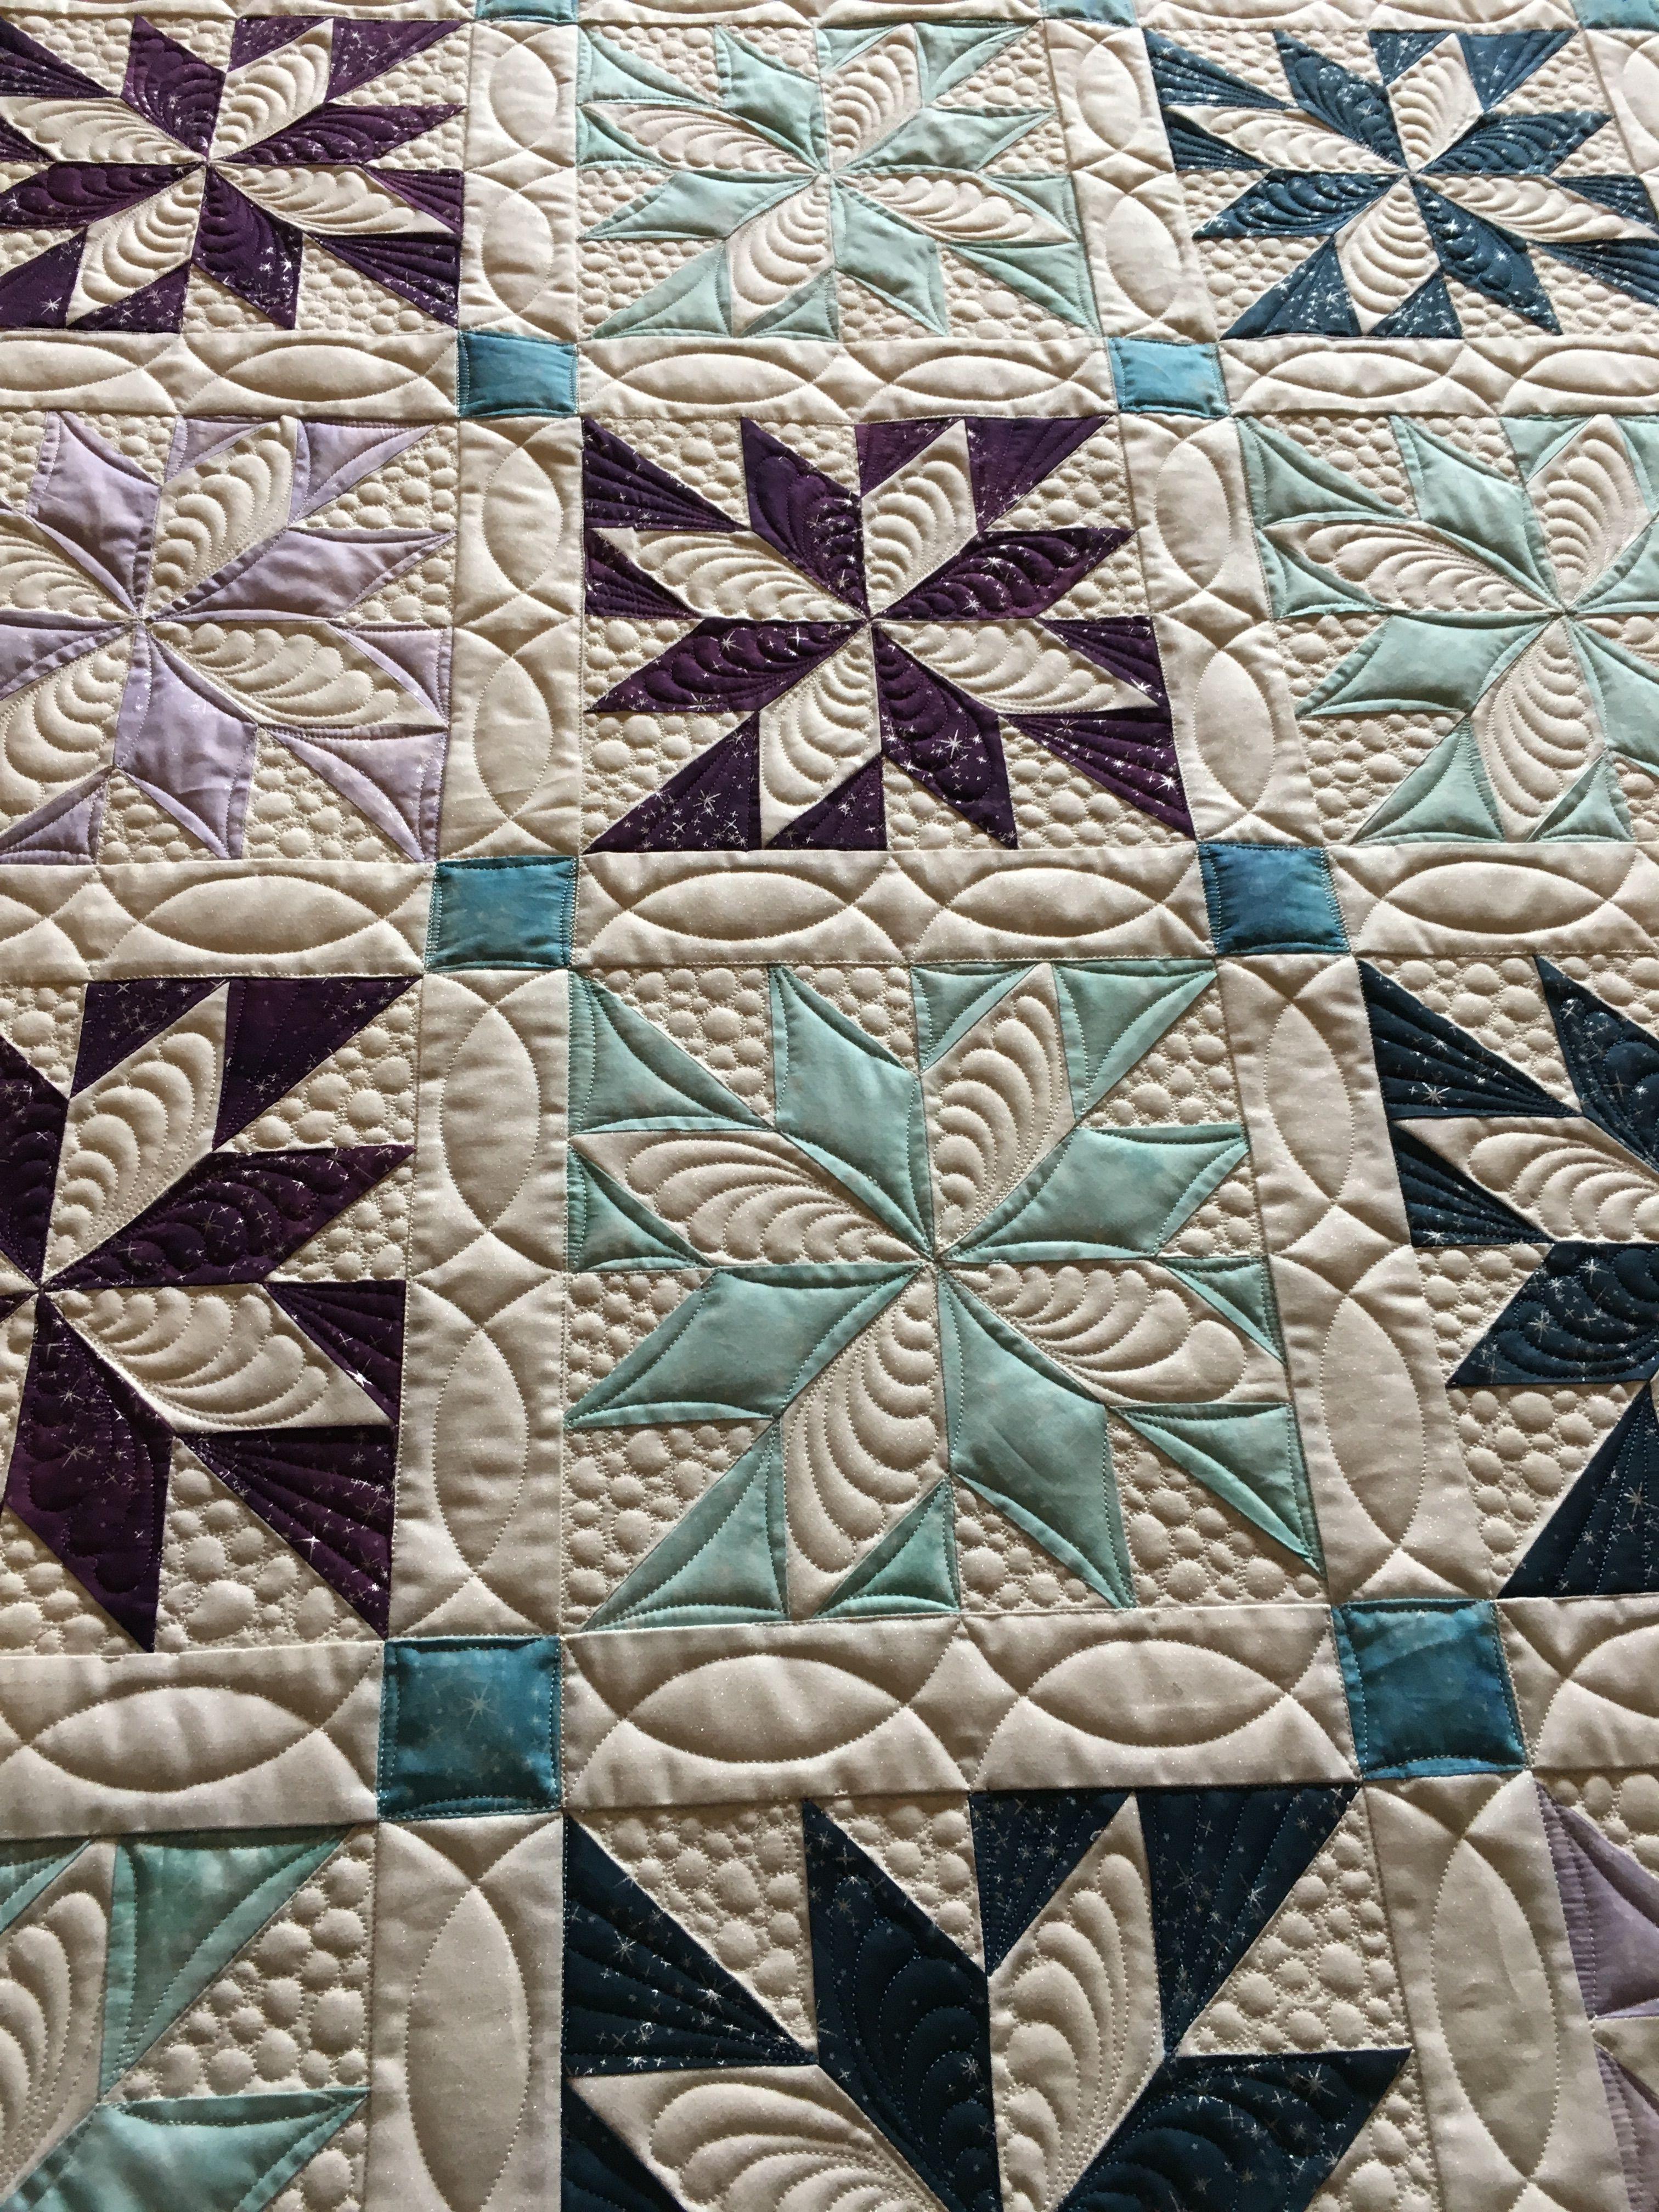 Pin de Kathleen Gilligan-Collantes en Quilts and quilt blocks ...